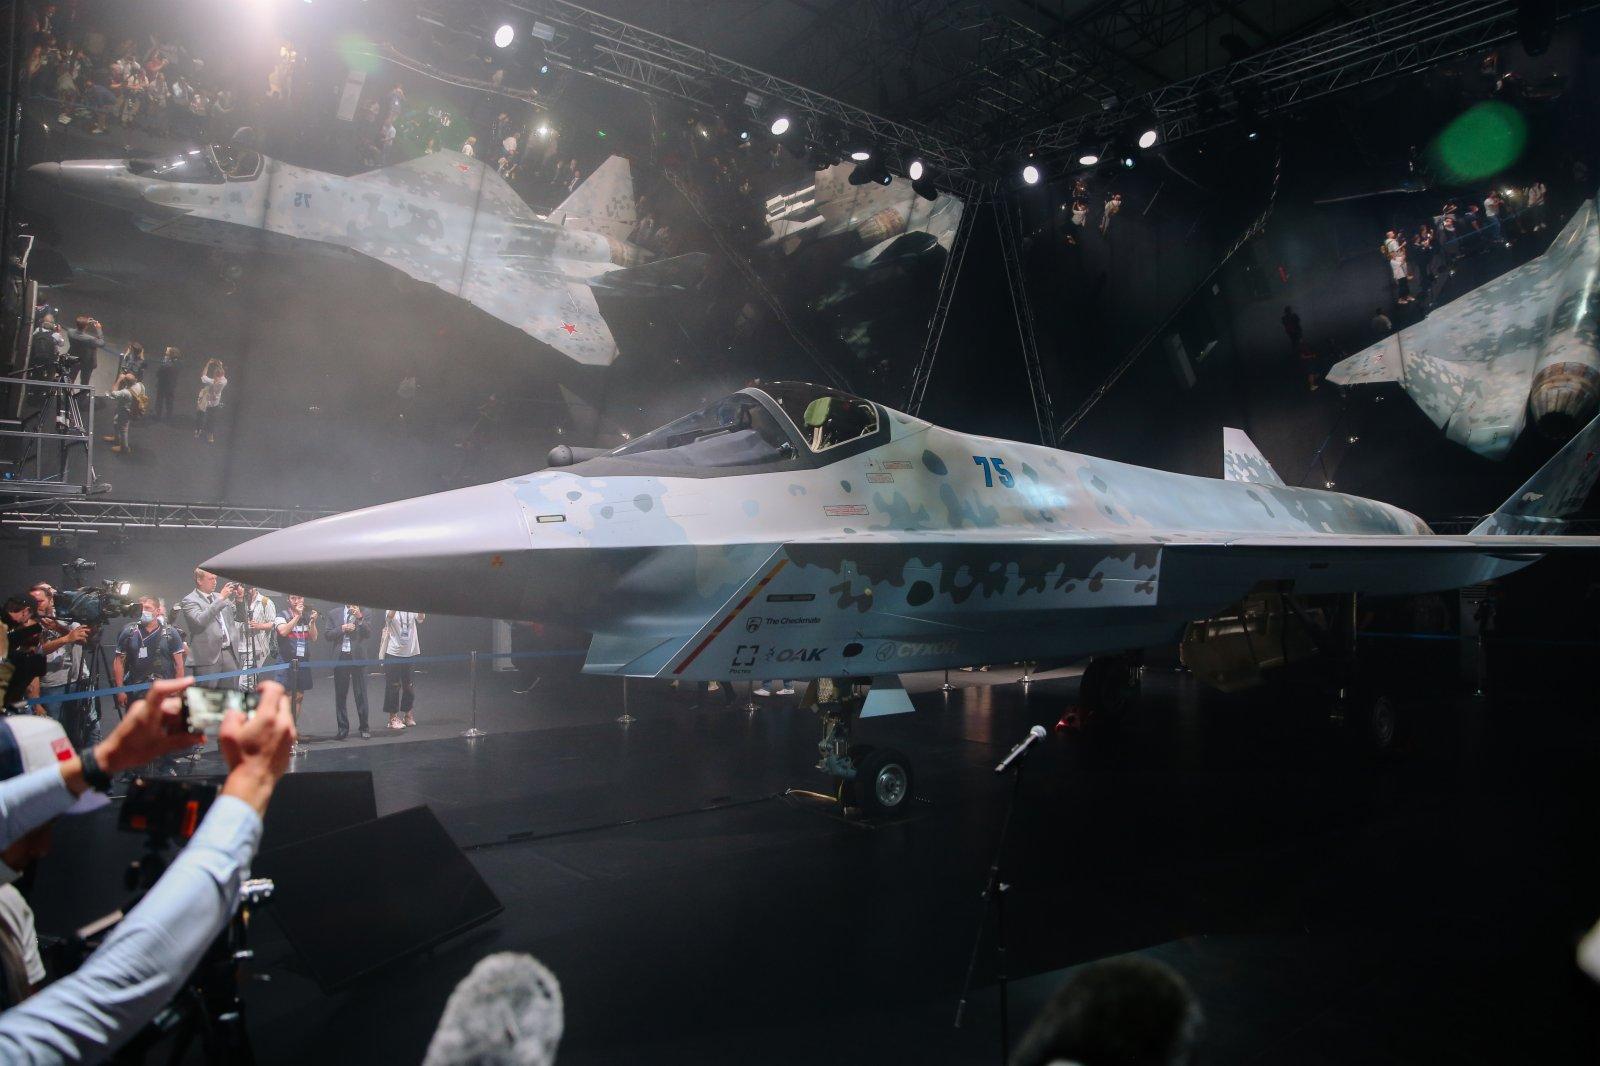 在俄羅斯首都莫斯科附近的茹科夫斯基市,俄第五代單發多用途輕型戰鬥機「Checkmate」的原型機亮相航展。